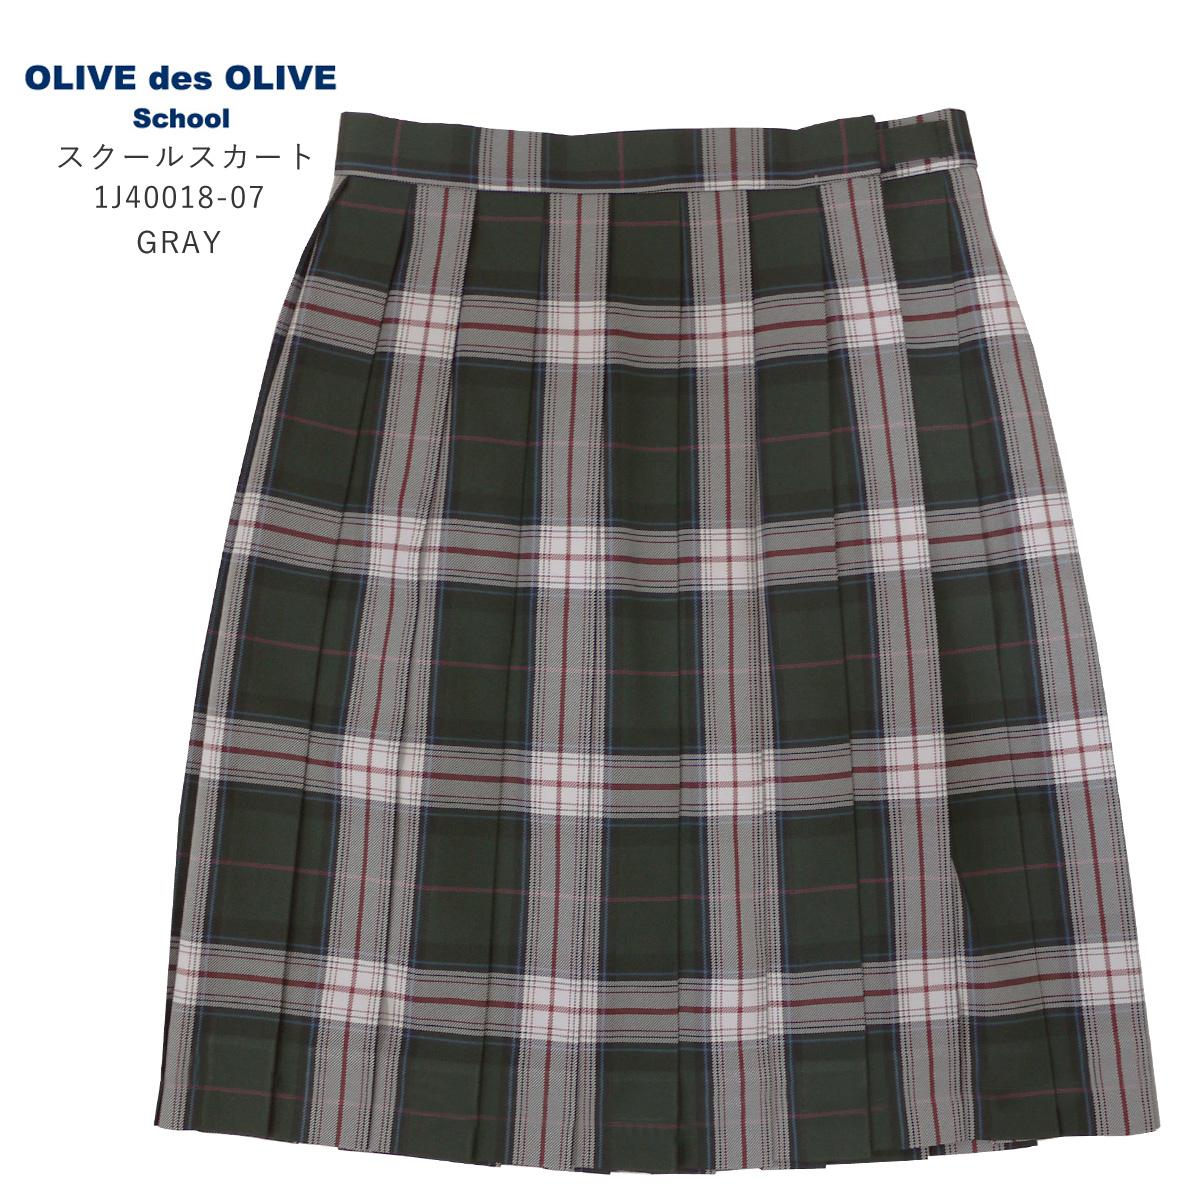 制服 スカート OLIVEdesOLIEVE school オリーブデオリーブスクール 1J40018-07 タータンチェック スクールスカート 20本車ひだ